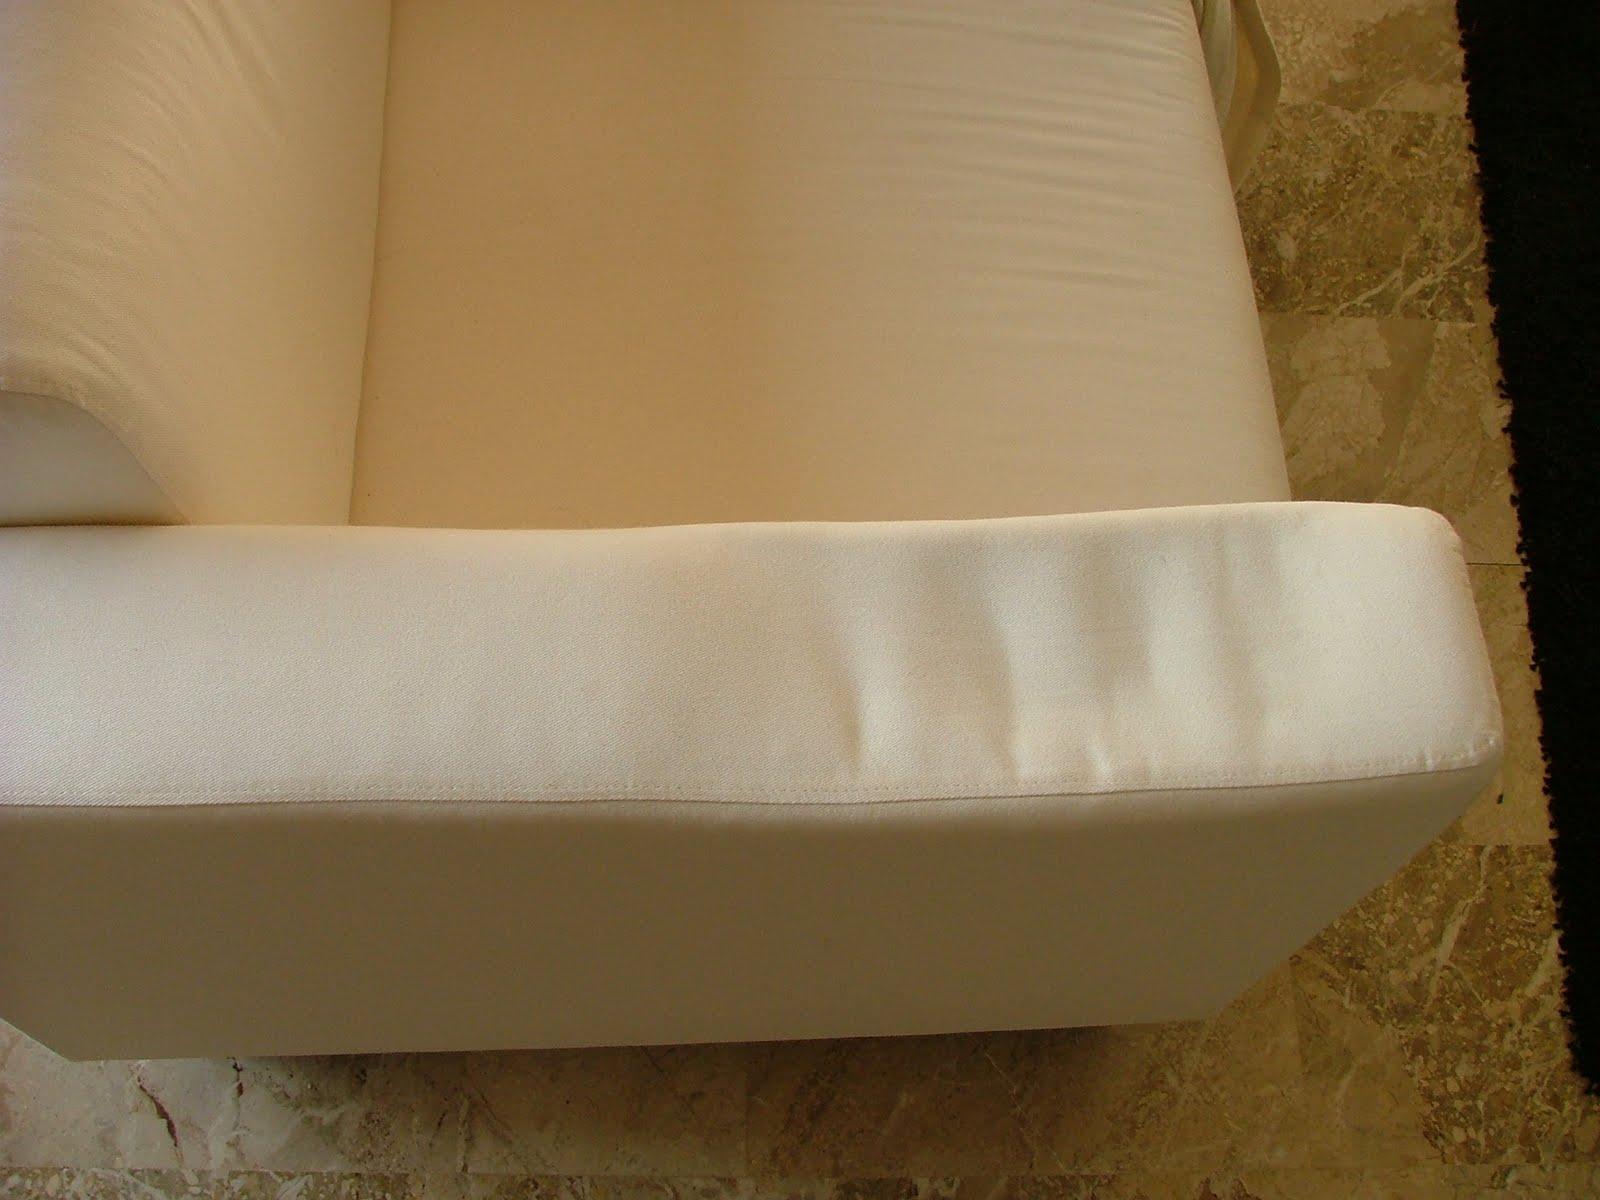 une exp rience de la qualit canap s ik a klobo. Black Bedroom Furniture Sets. Home Design Ideas